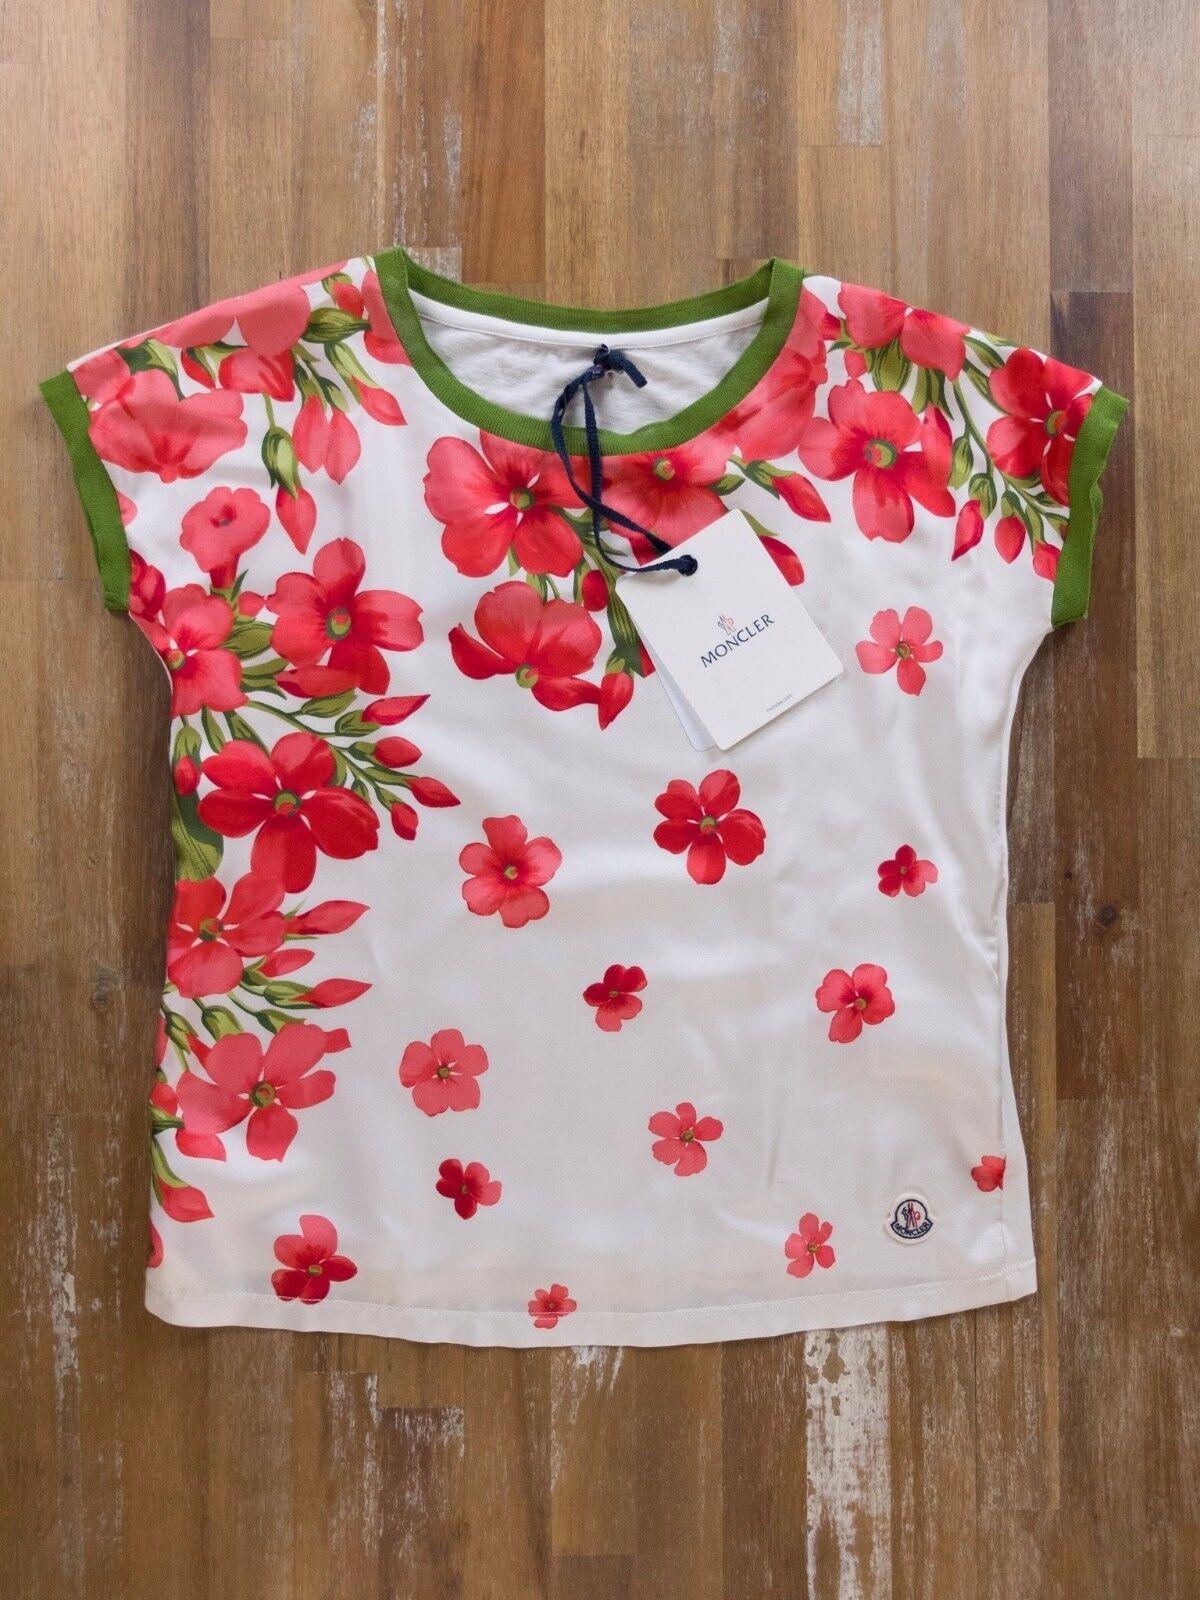 MONCLER silk floral t-shirt blouse authentic - Größe XS - NWT